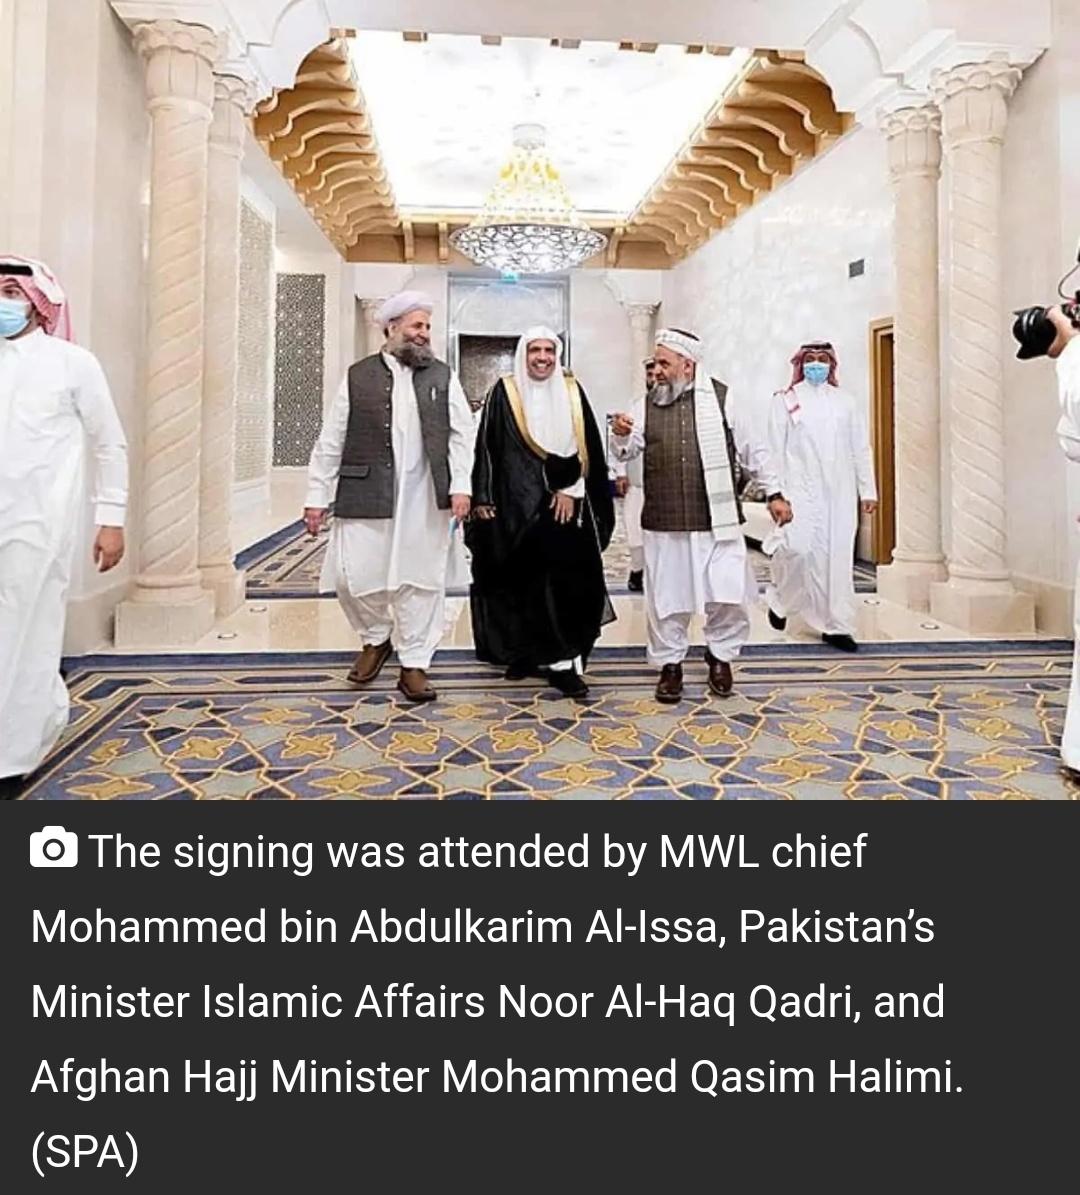 अफगानिस्तान, पाकिस्तानी विद्वानों ने मक्का में 'शांति की घोषणा' पर हस्ताक्षर किए 5